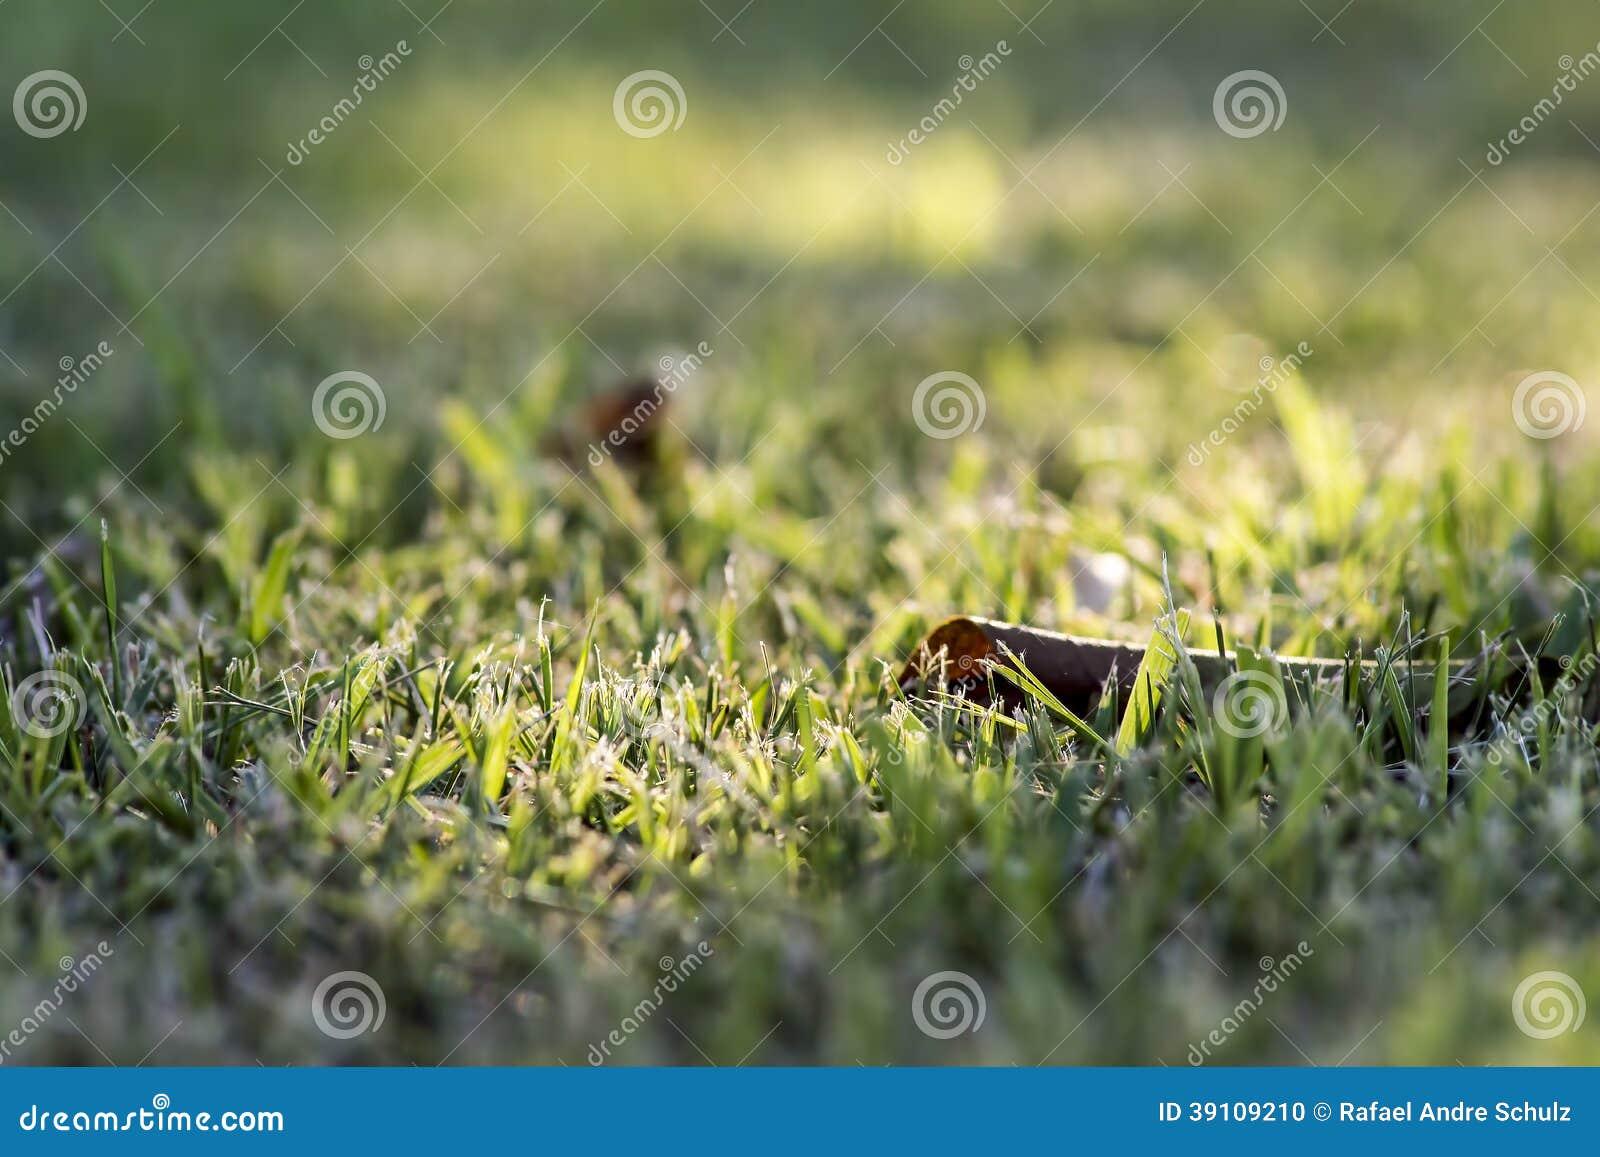 Waar het Gras Groen is